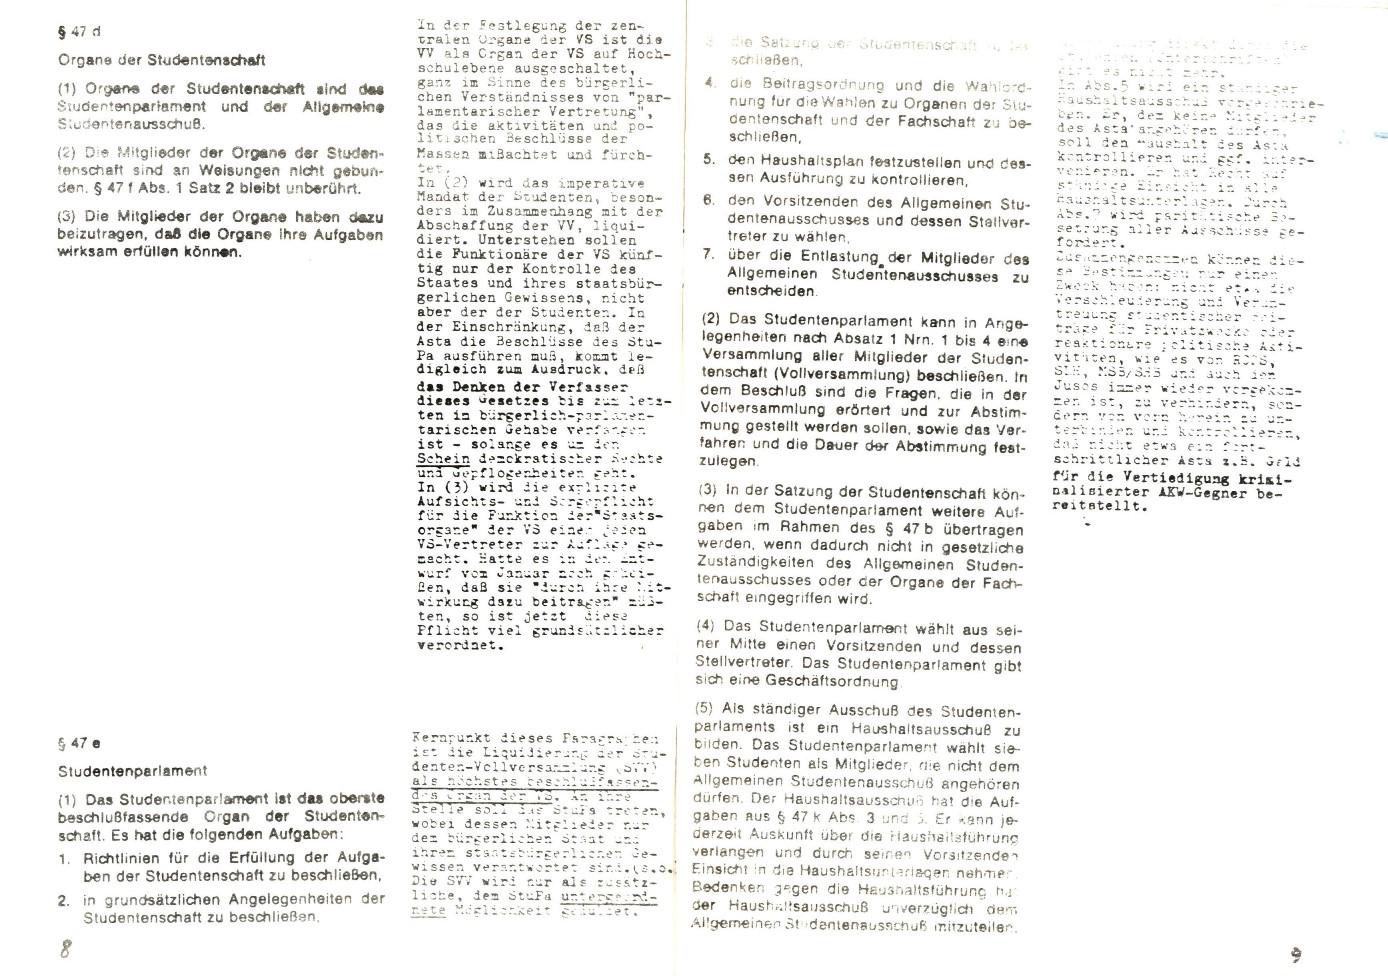 NRW_KSV_1977_Studentenschaftsgesetz_05